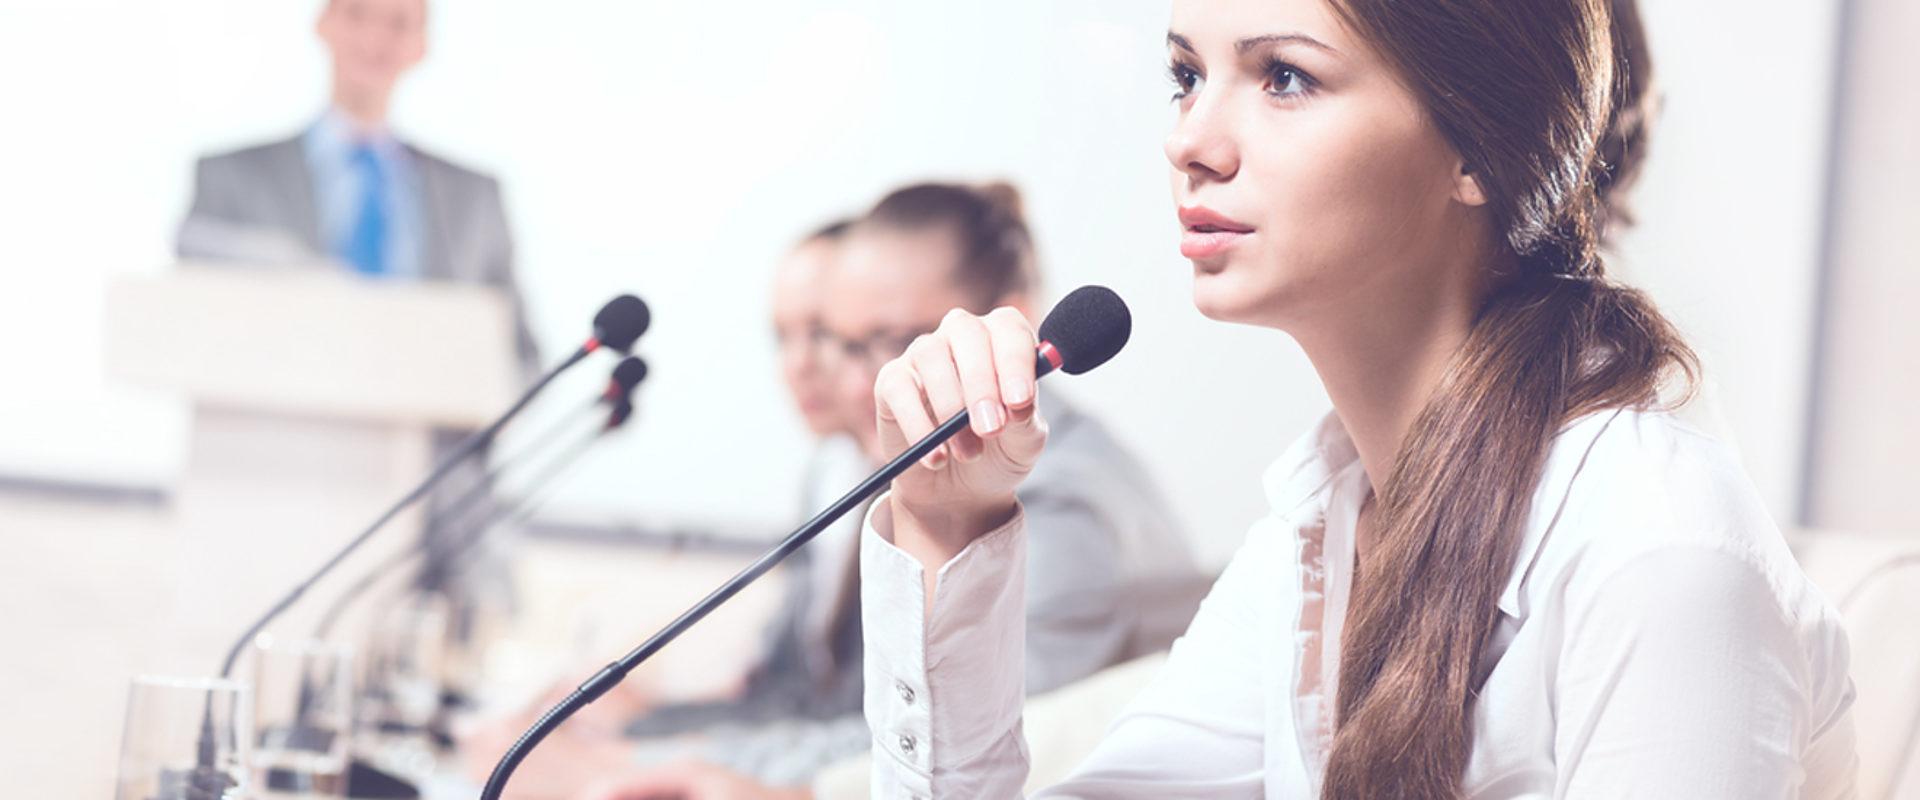 Comunicar y Hablar en público